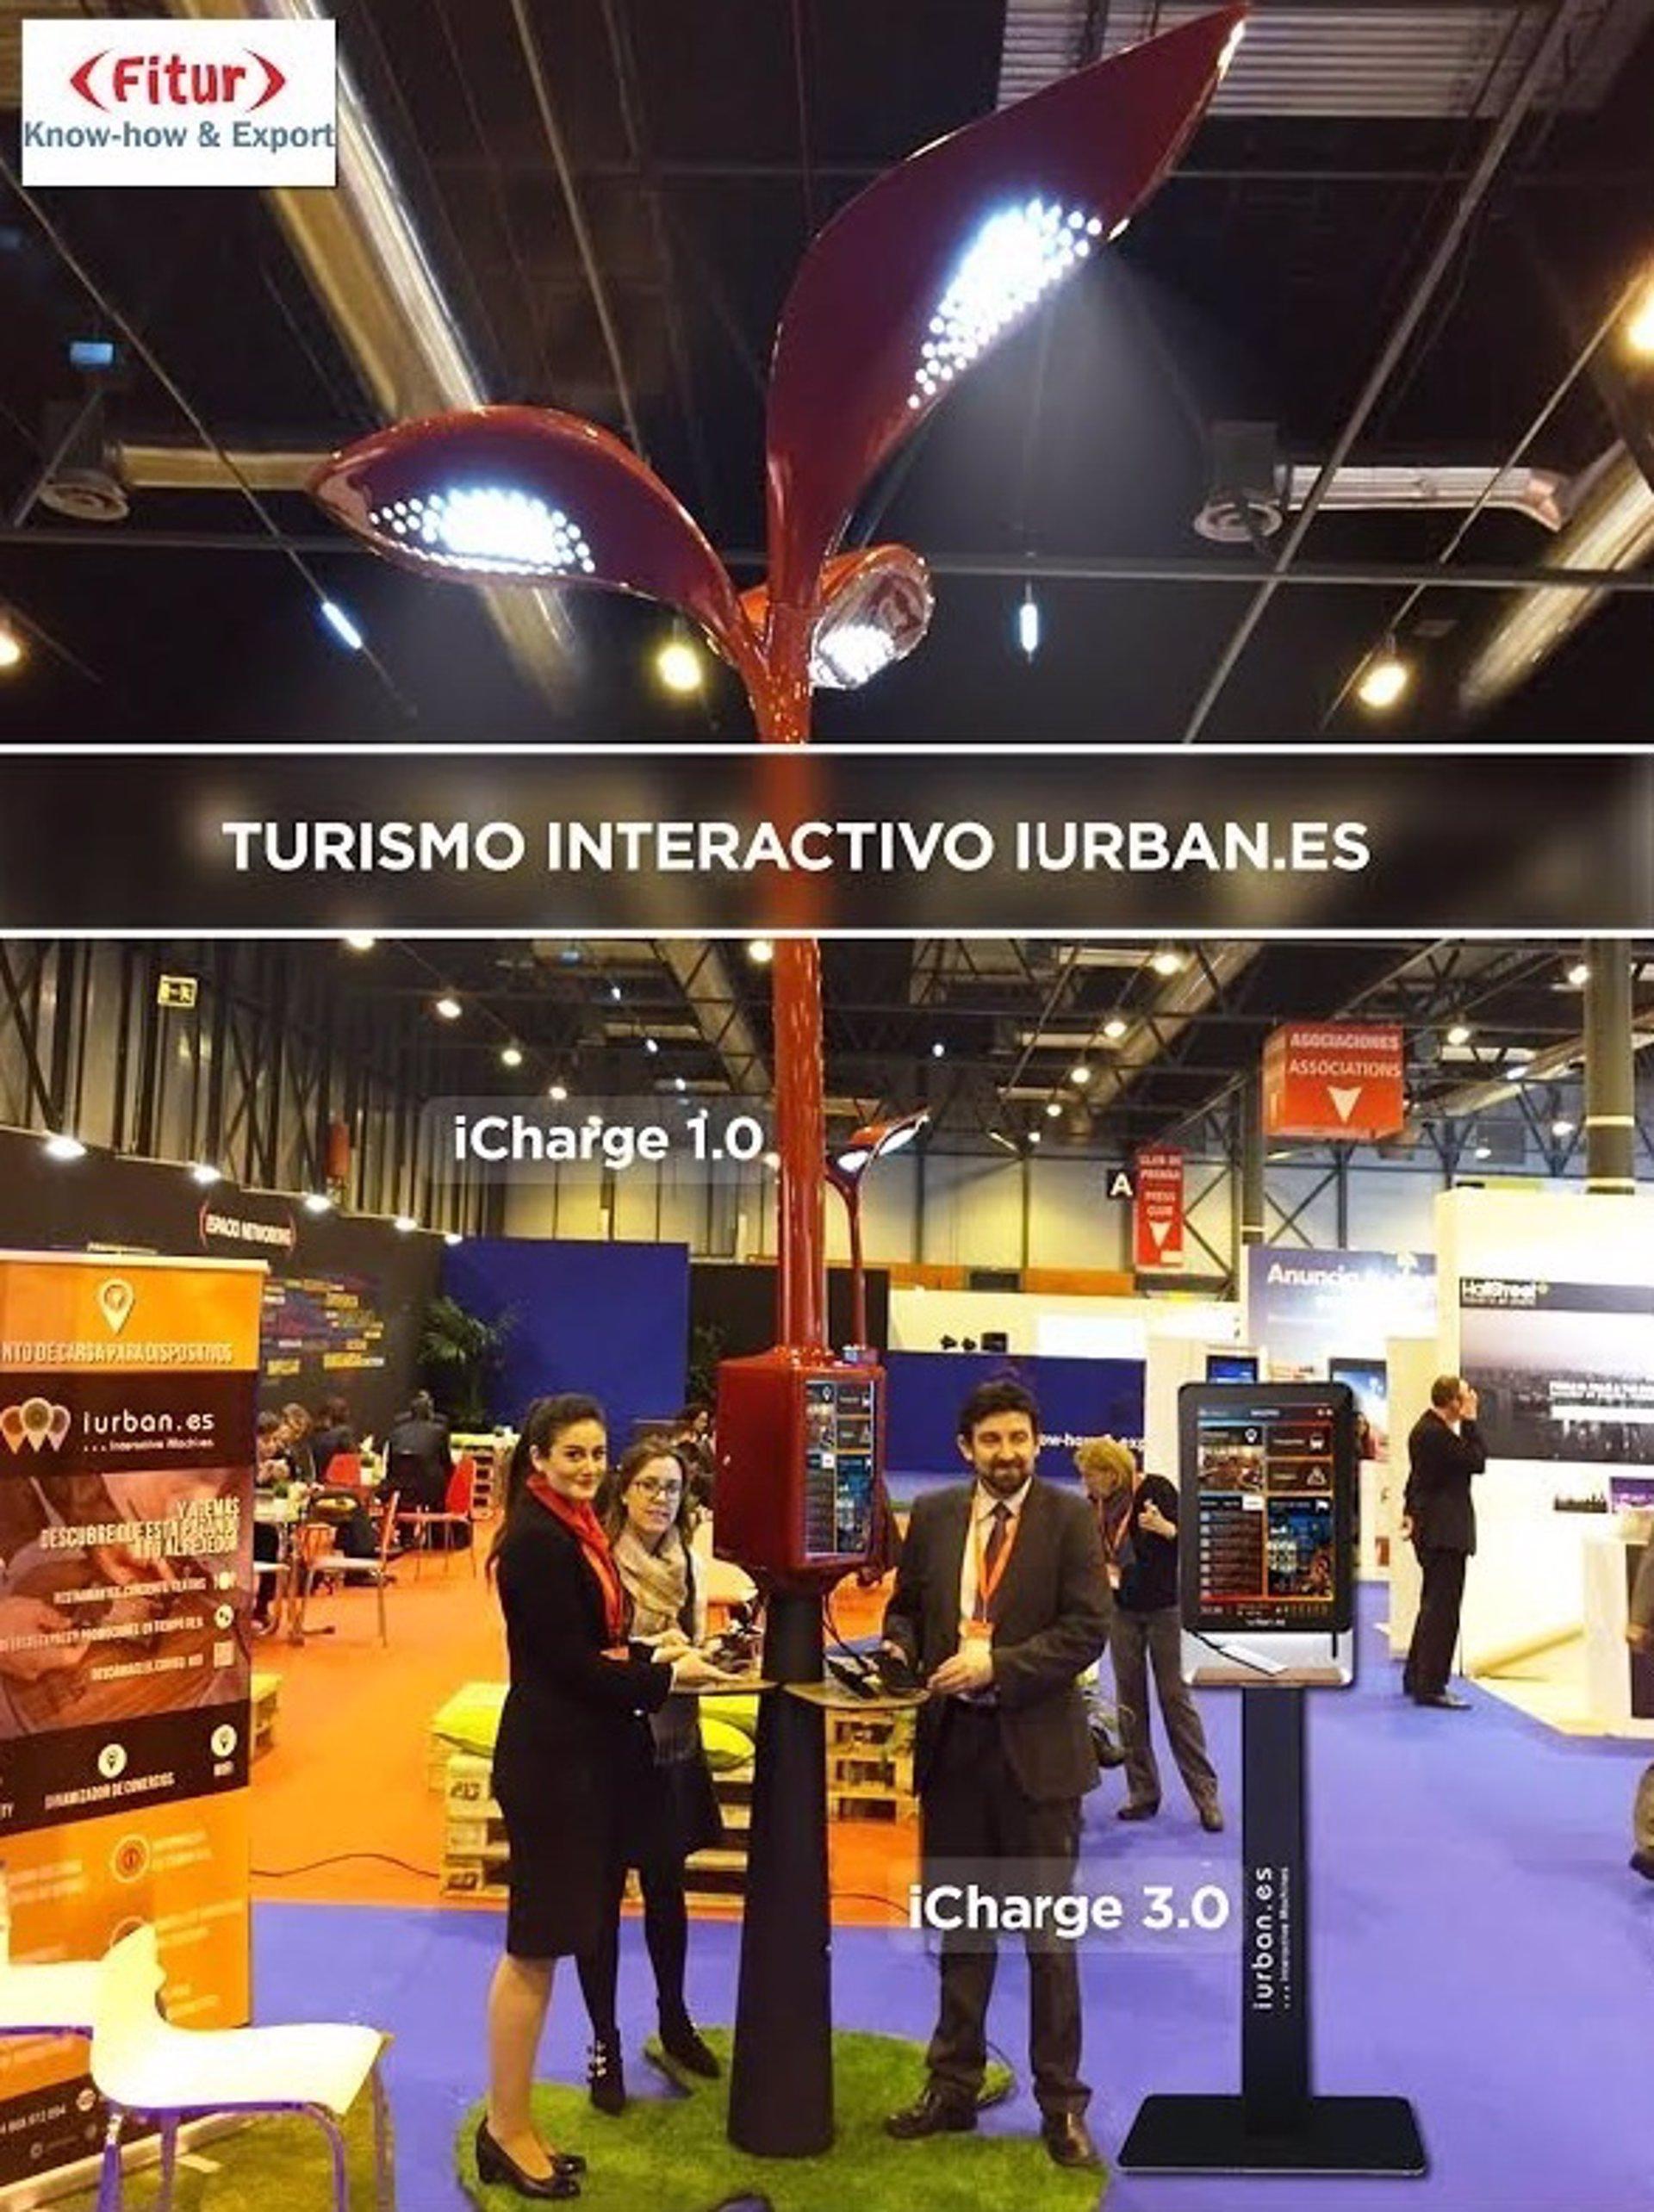 iUrban.es presenta sus pantallas interactivas con información turística y carga de móviles